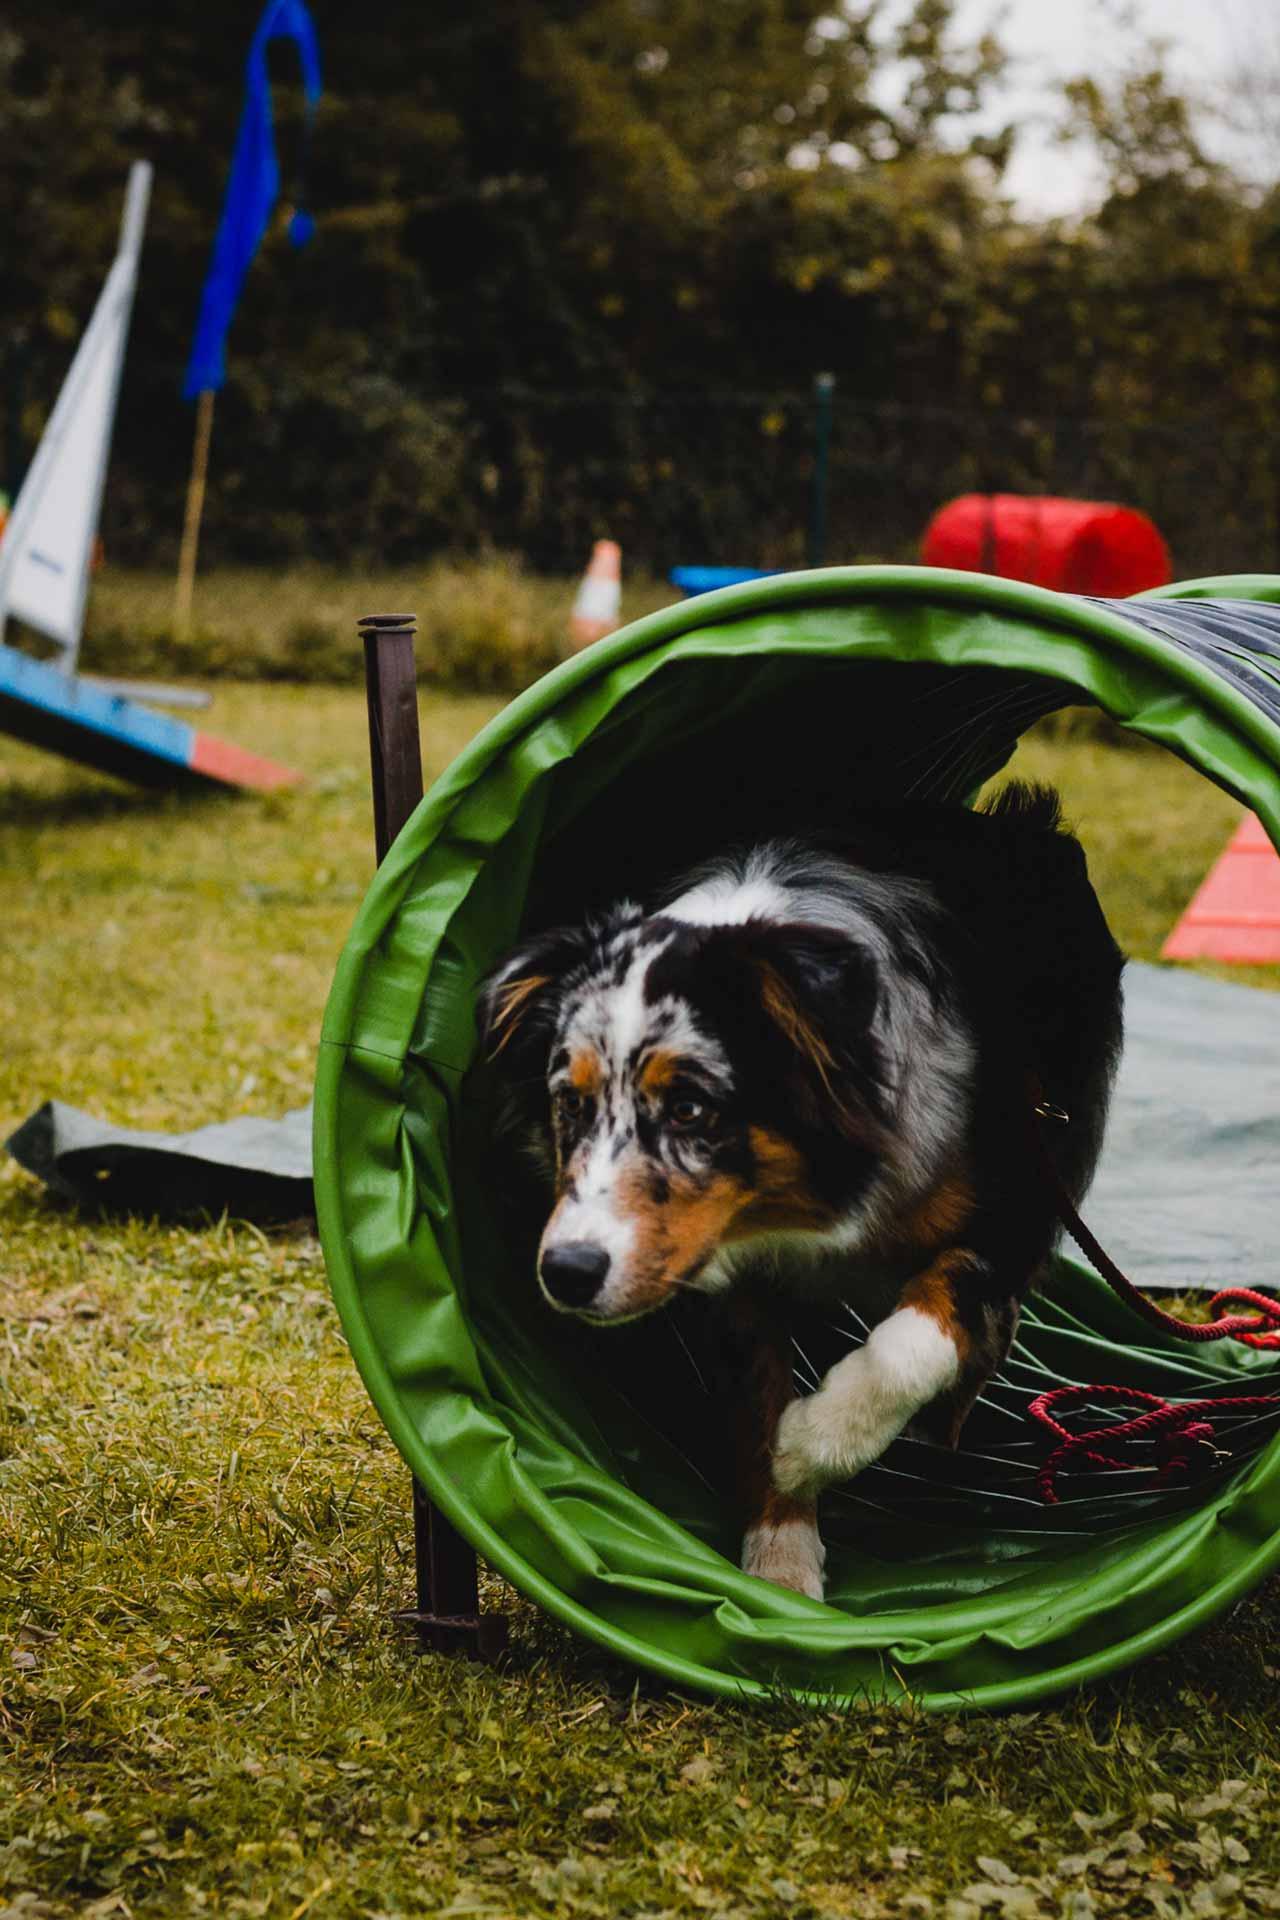 hundpunkt_hundeschule_muenster-kurs-agility-hundesport-2